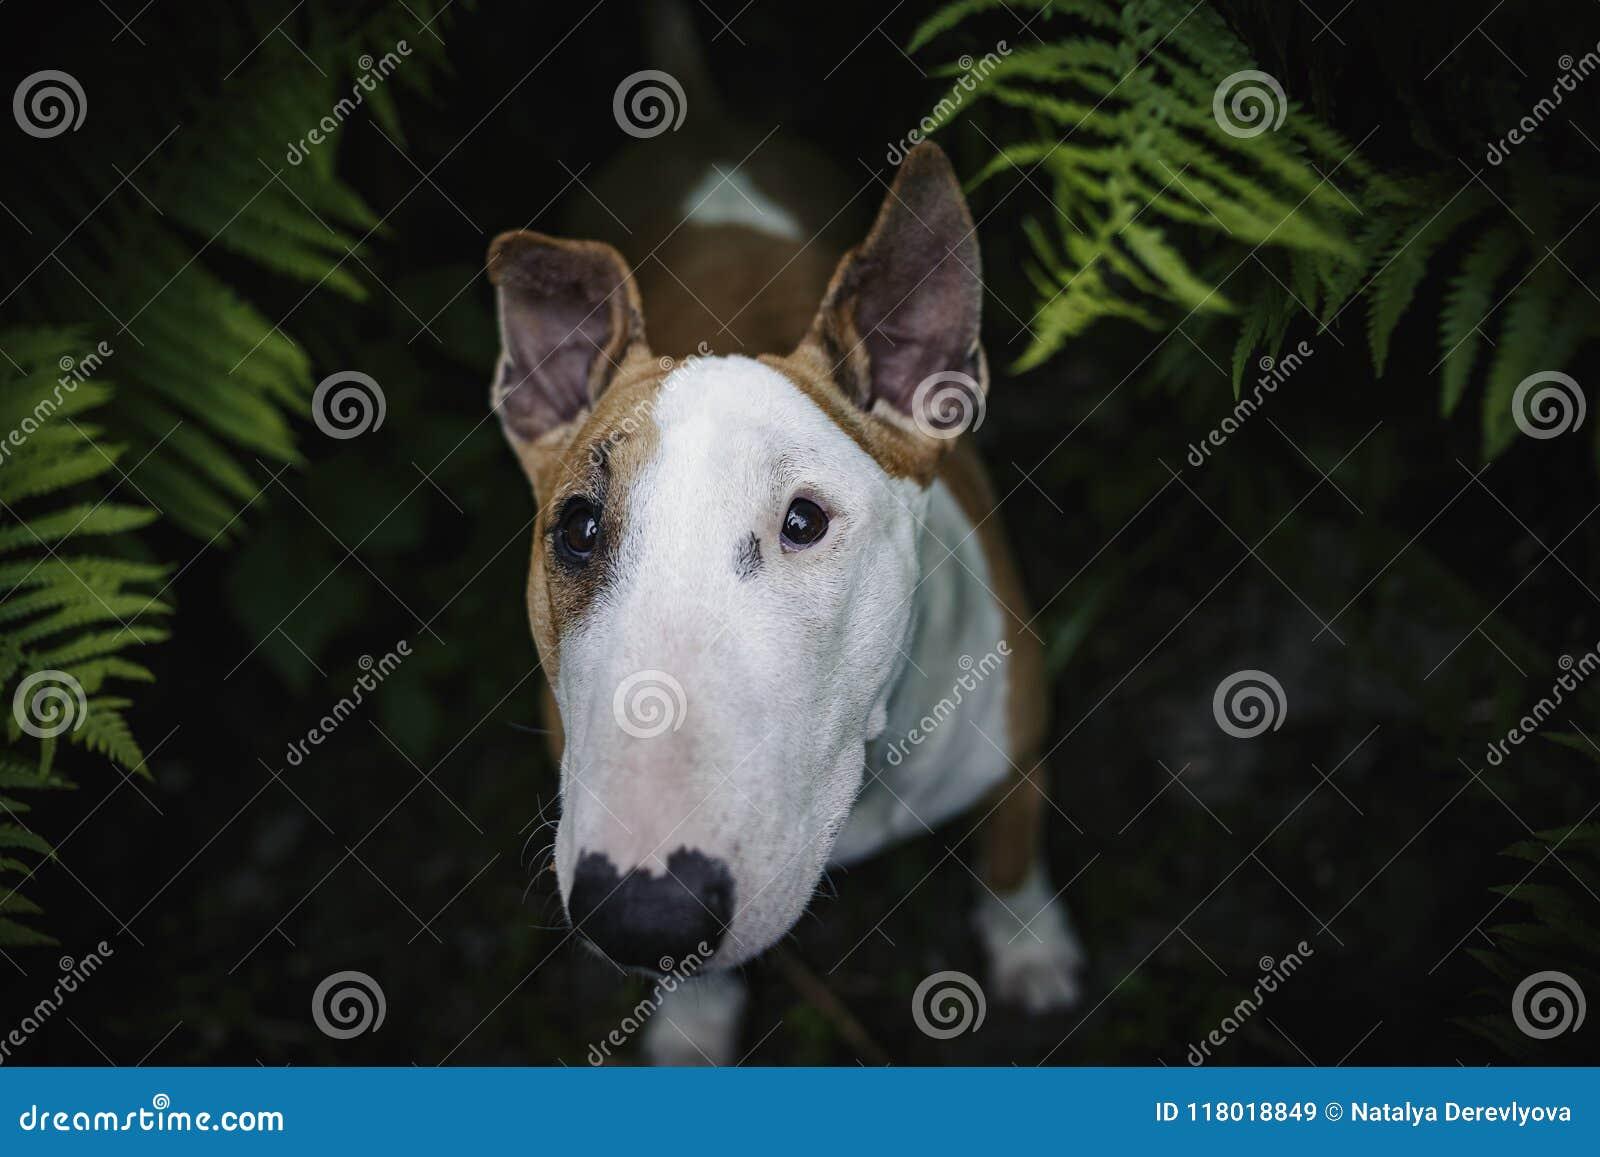 Ein Hund in einem mysteriösen Wald